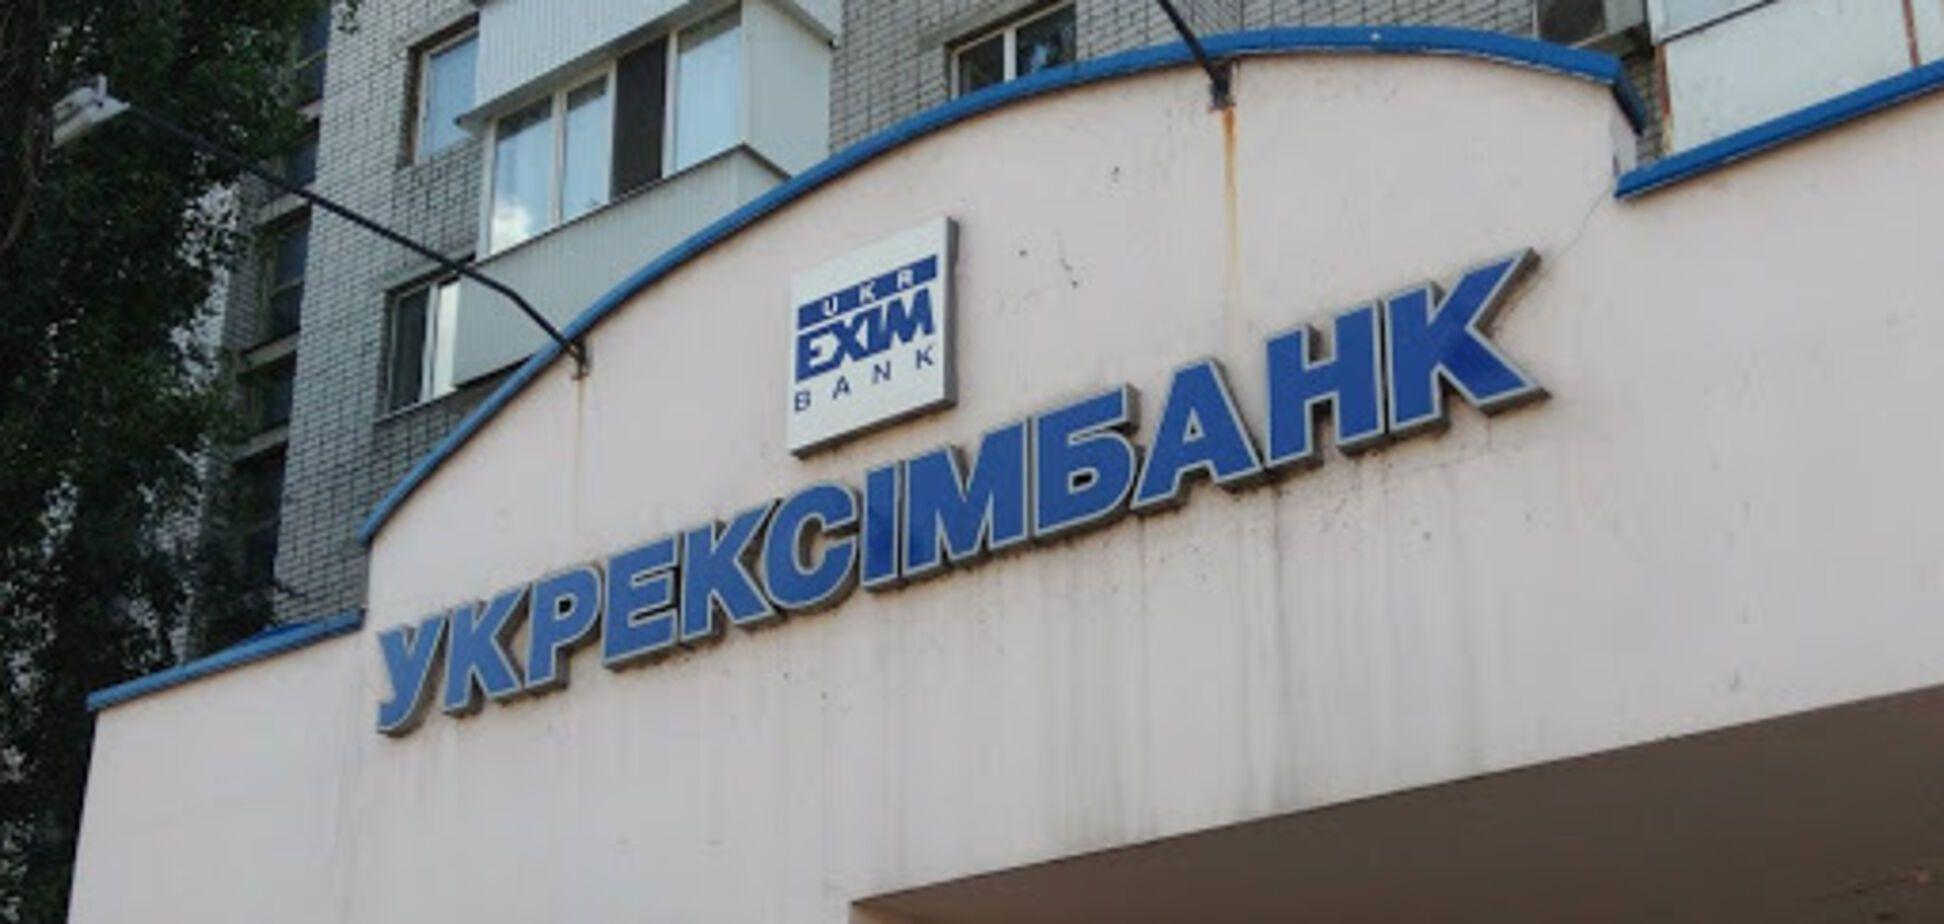 'Укрэксимбанк' может выдать кредит власти на выплату долгов 'зеленым' инвесторам